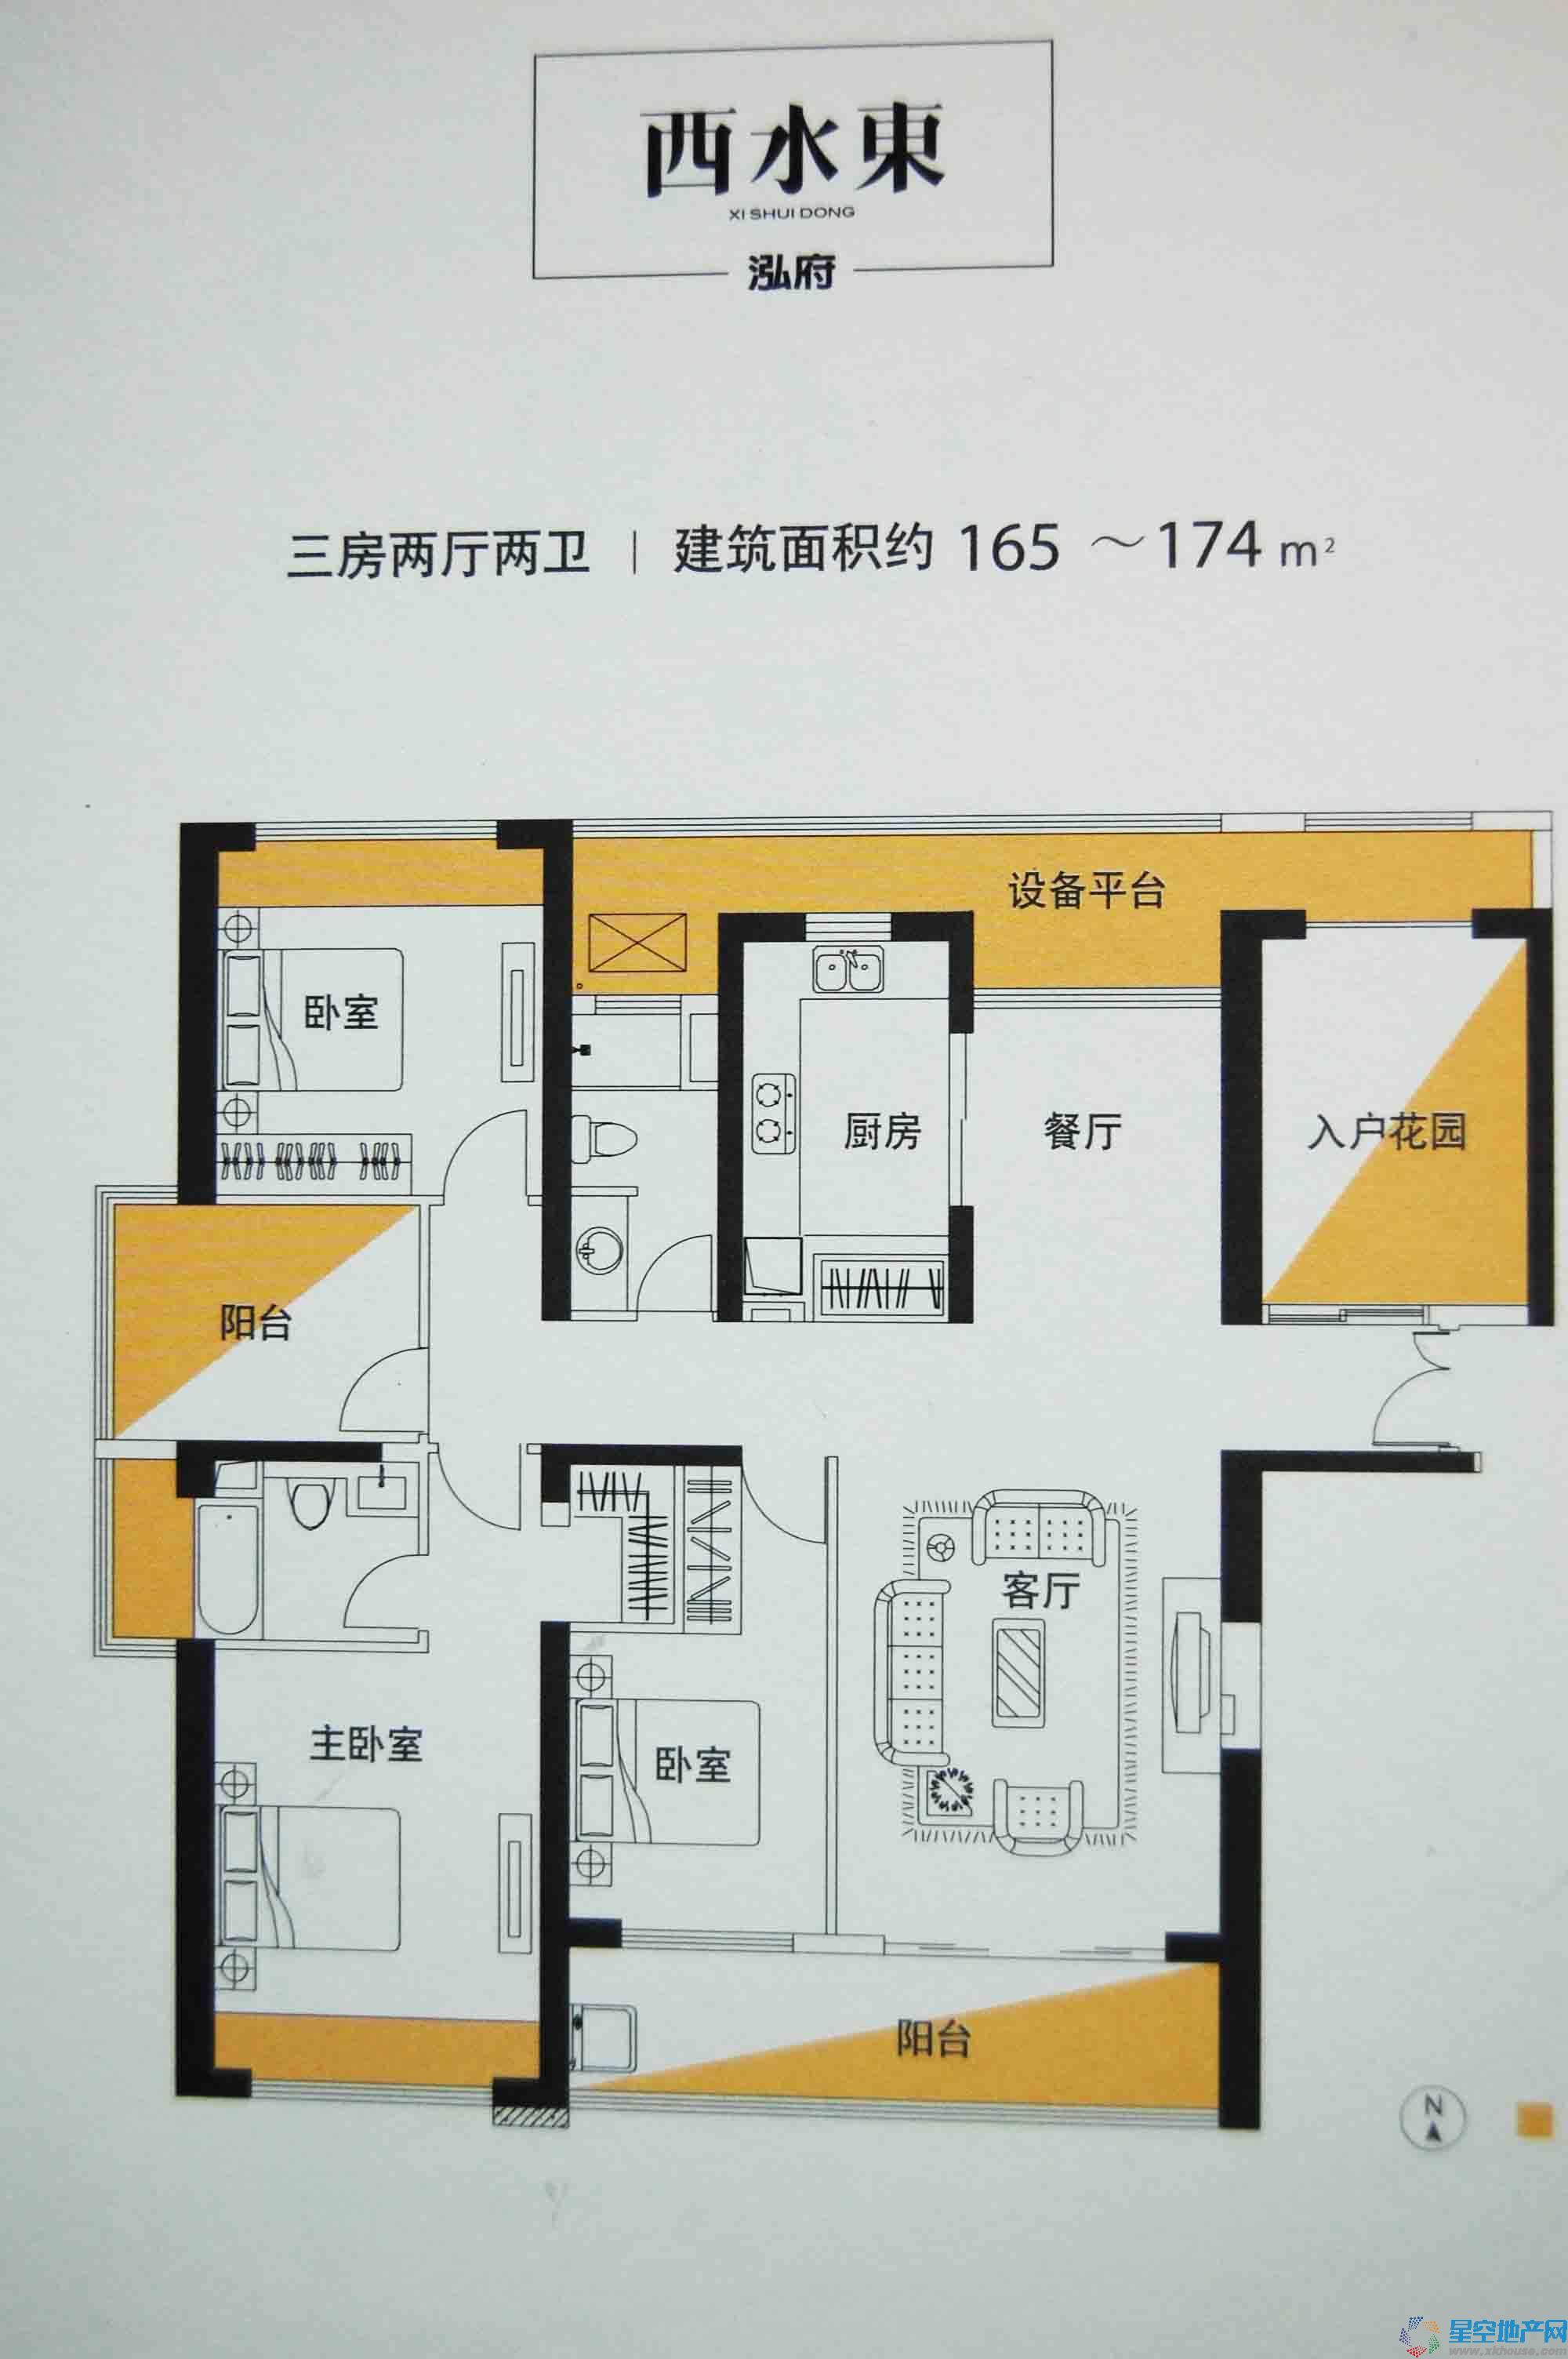 西水东中央生活区三室二厅二卫